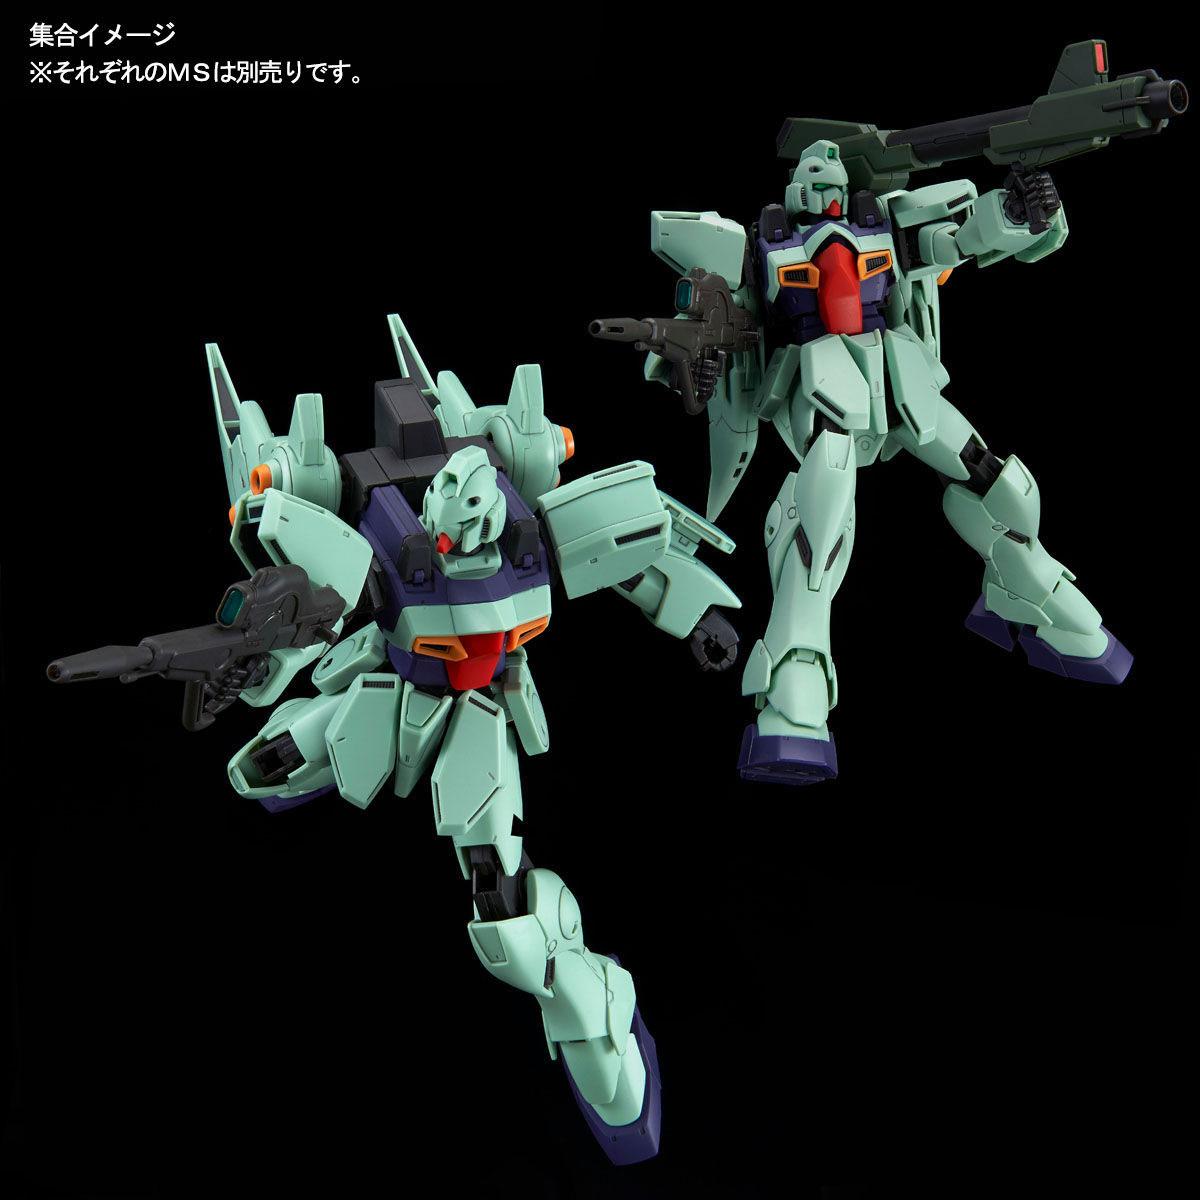 RE/100 1/100『ガンブラスター』Vガンダム プラモデル-008